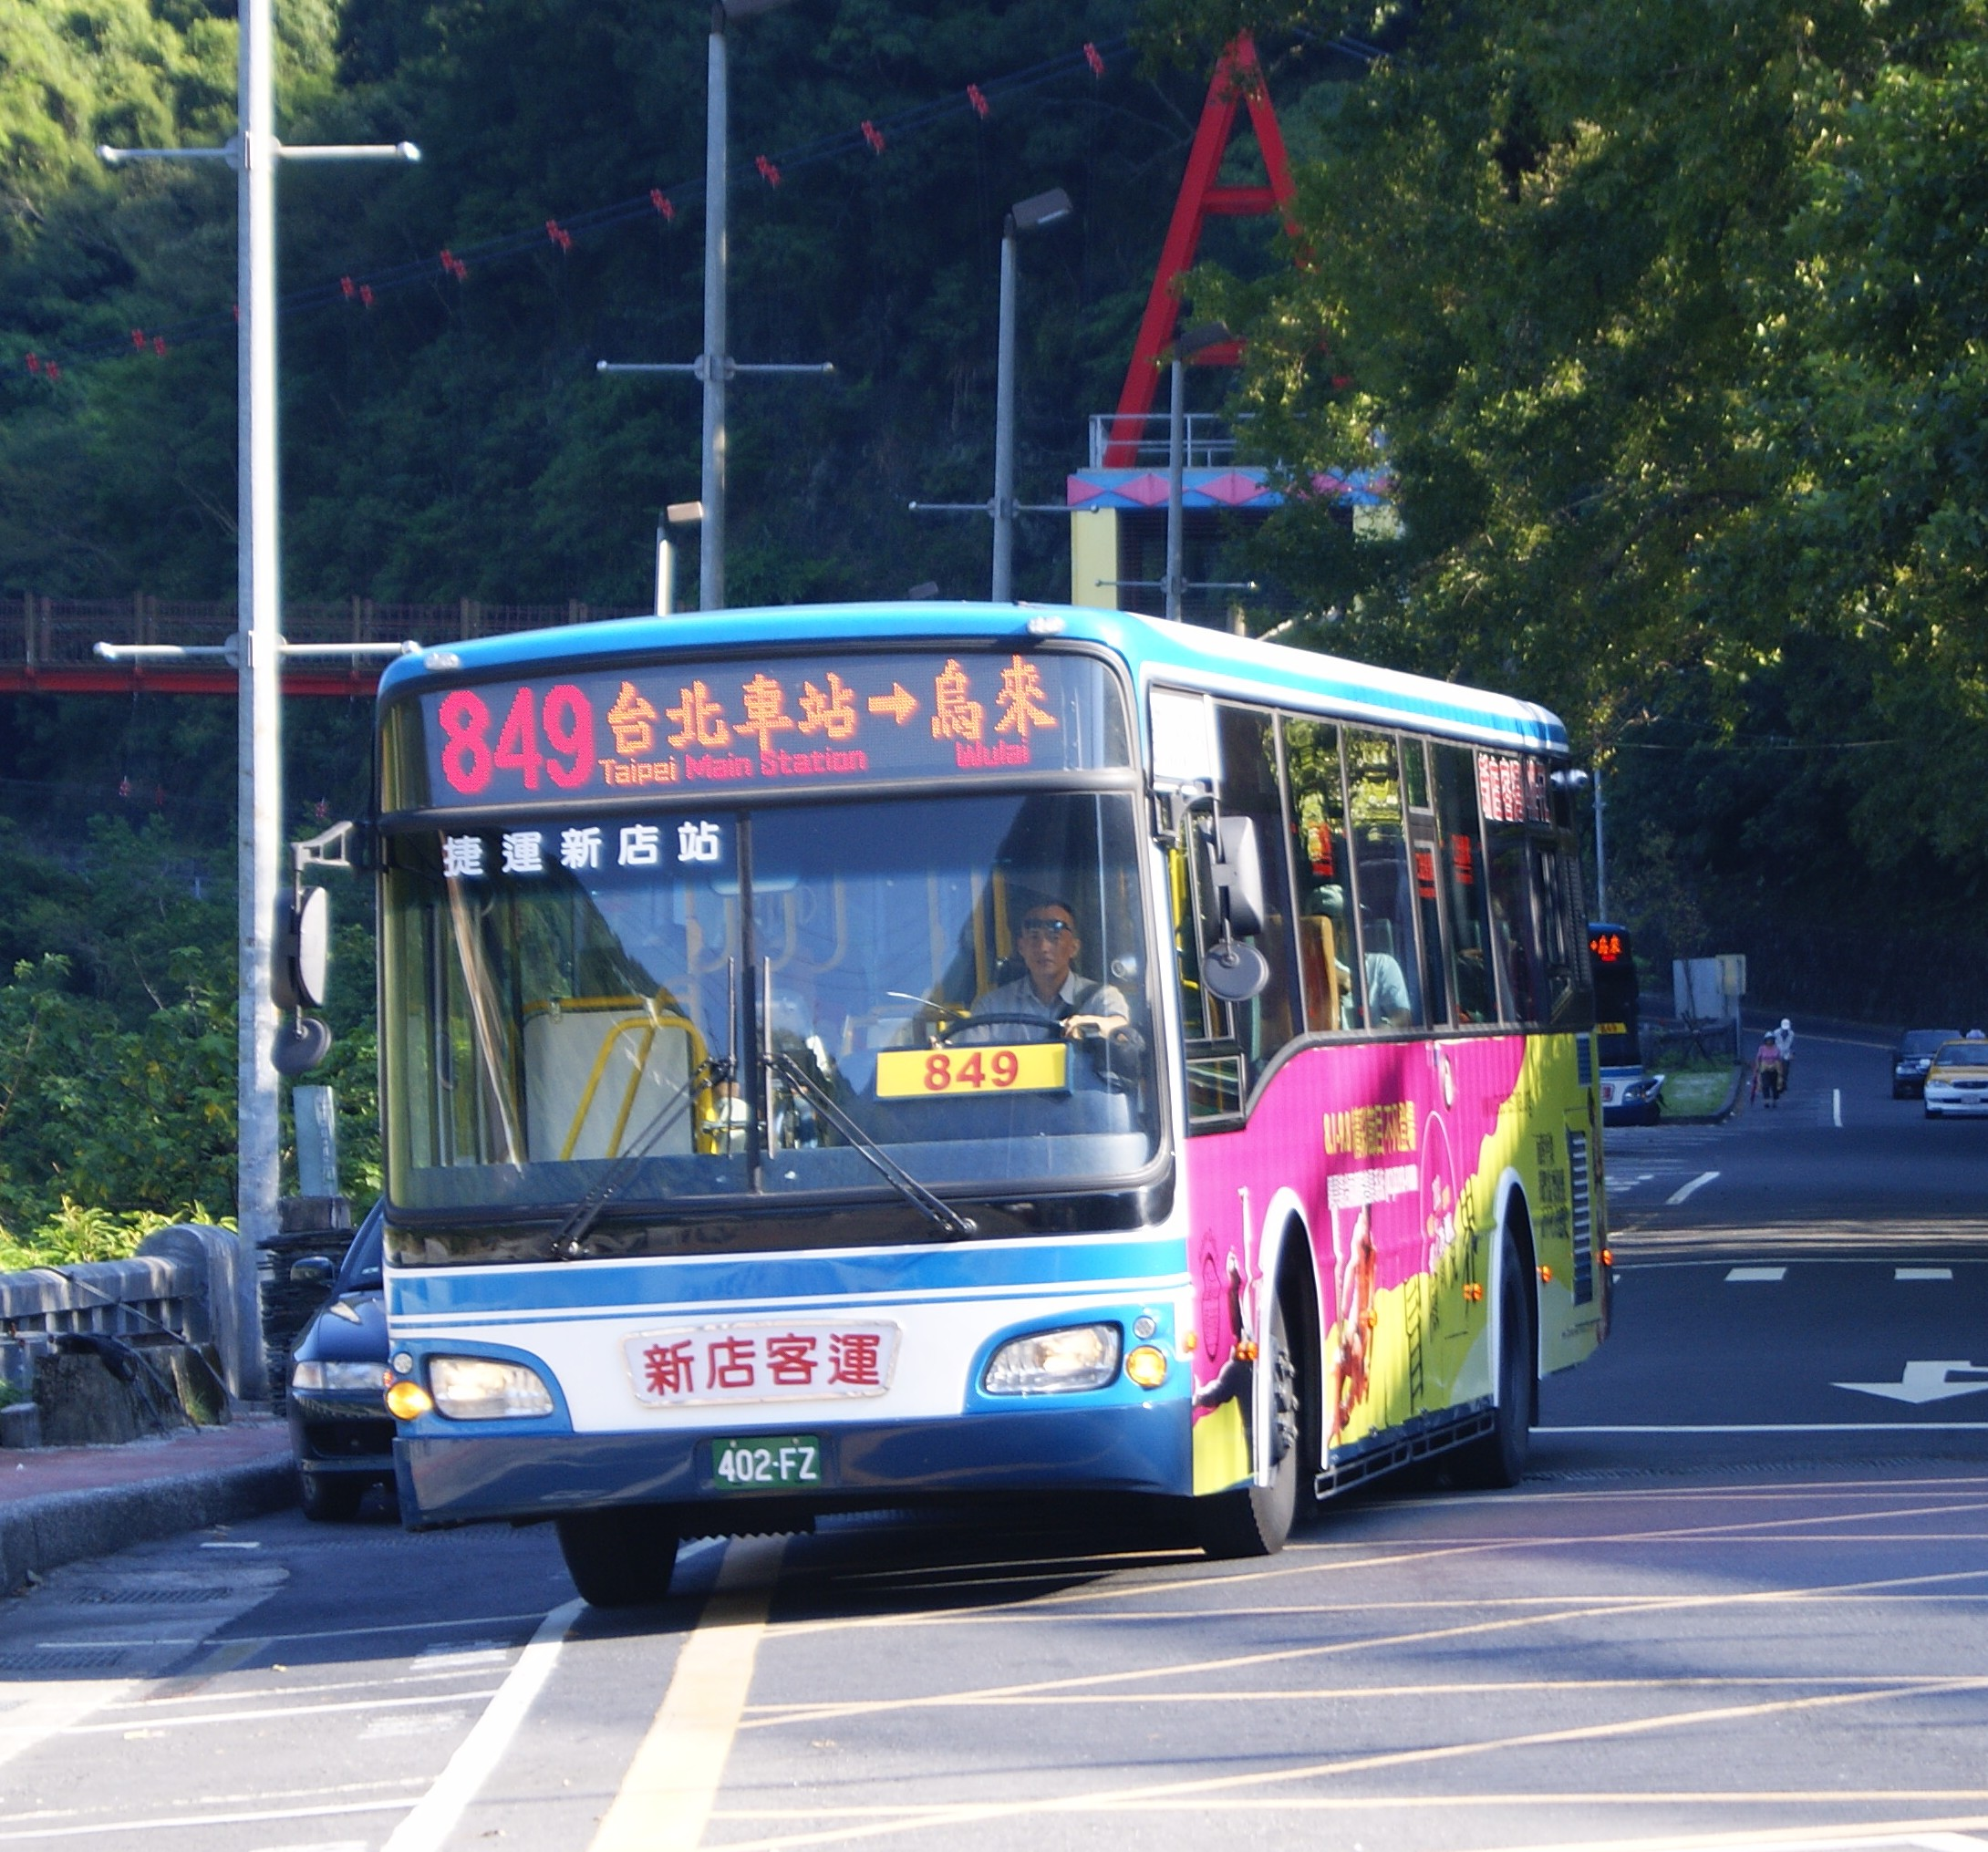 File:402-FZ 新店客運849路.jpg